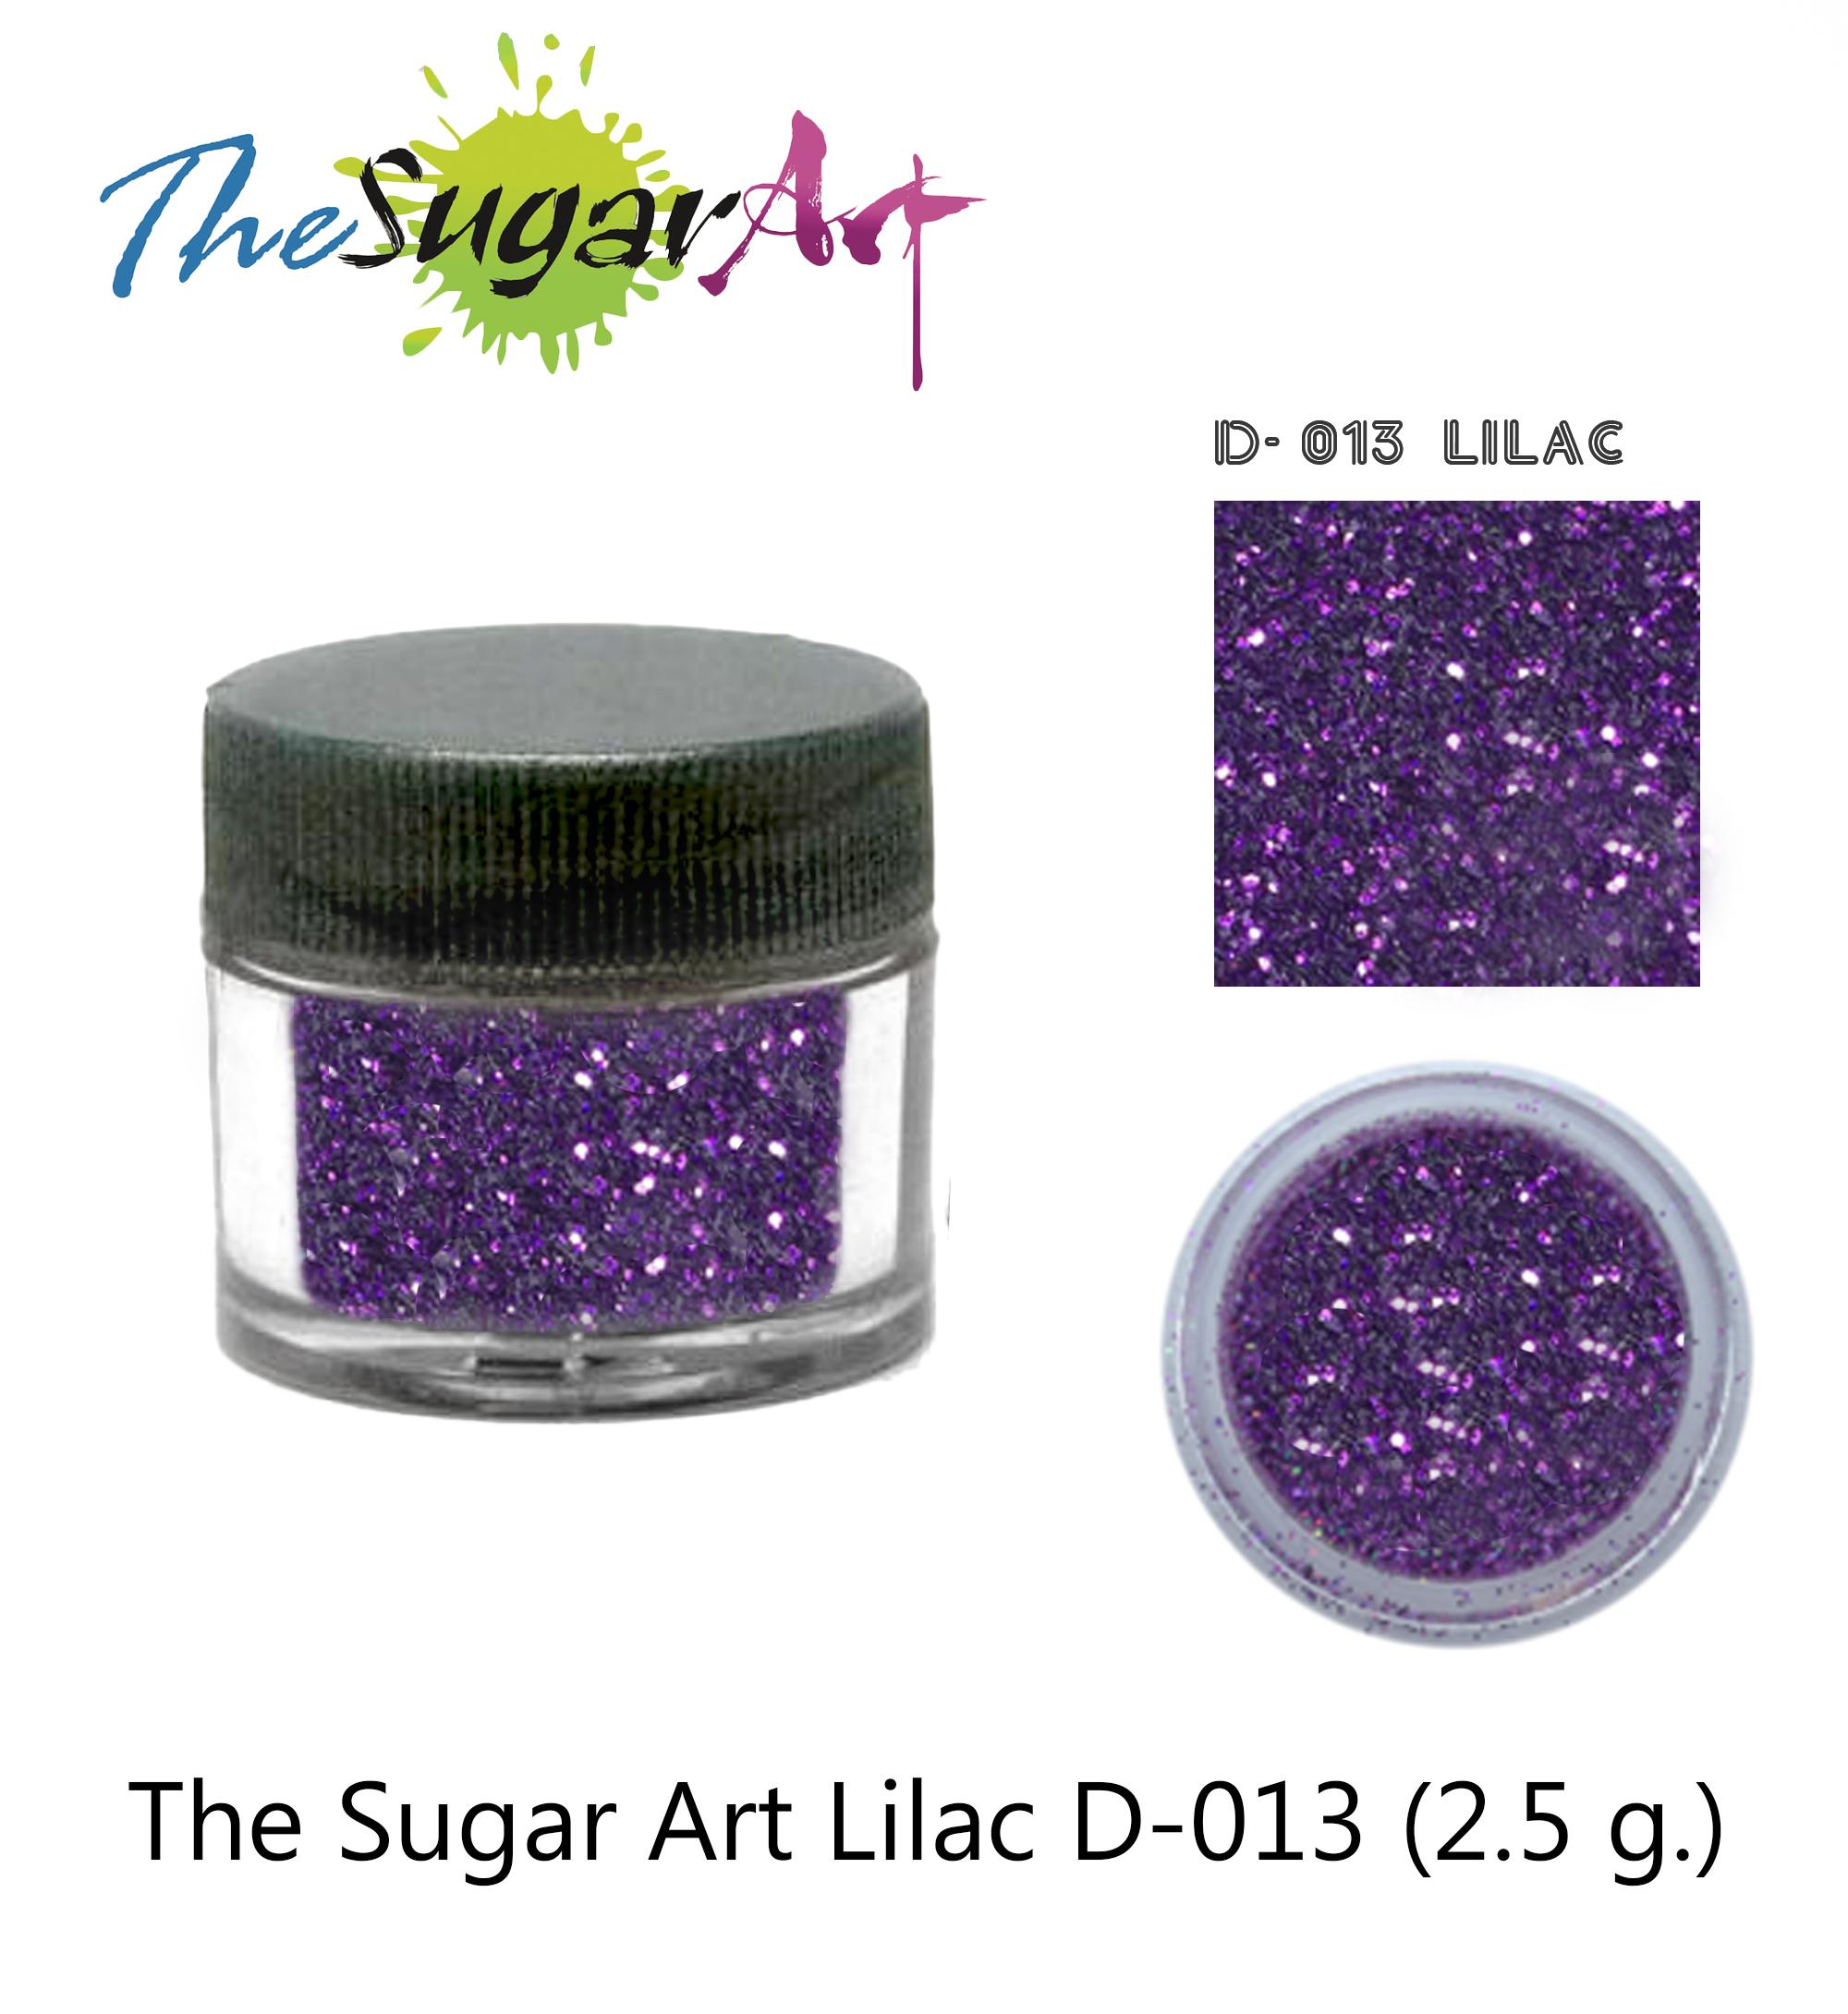 The Sugar Art Lilac - D 013 (2.5 g.)